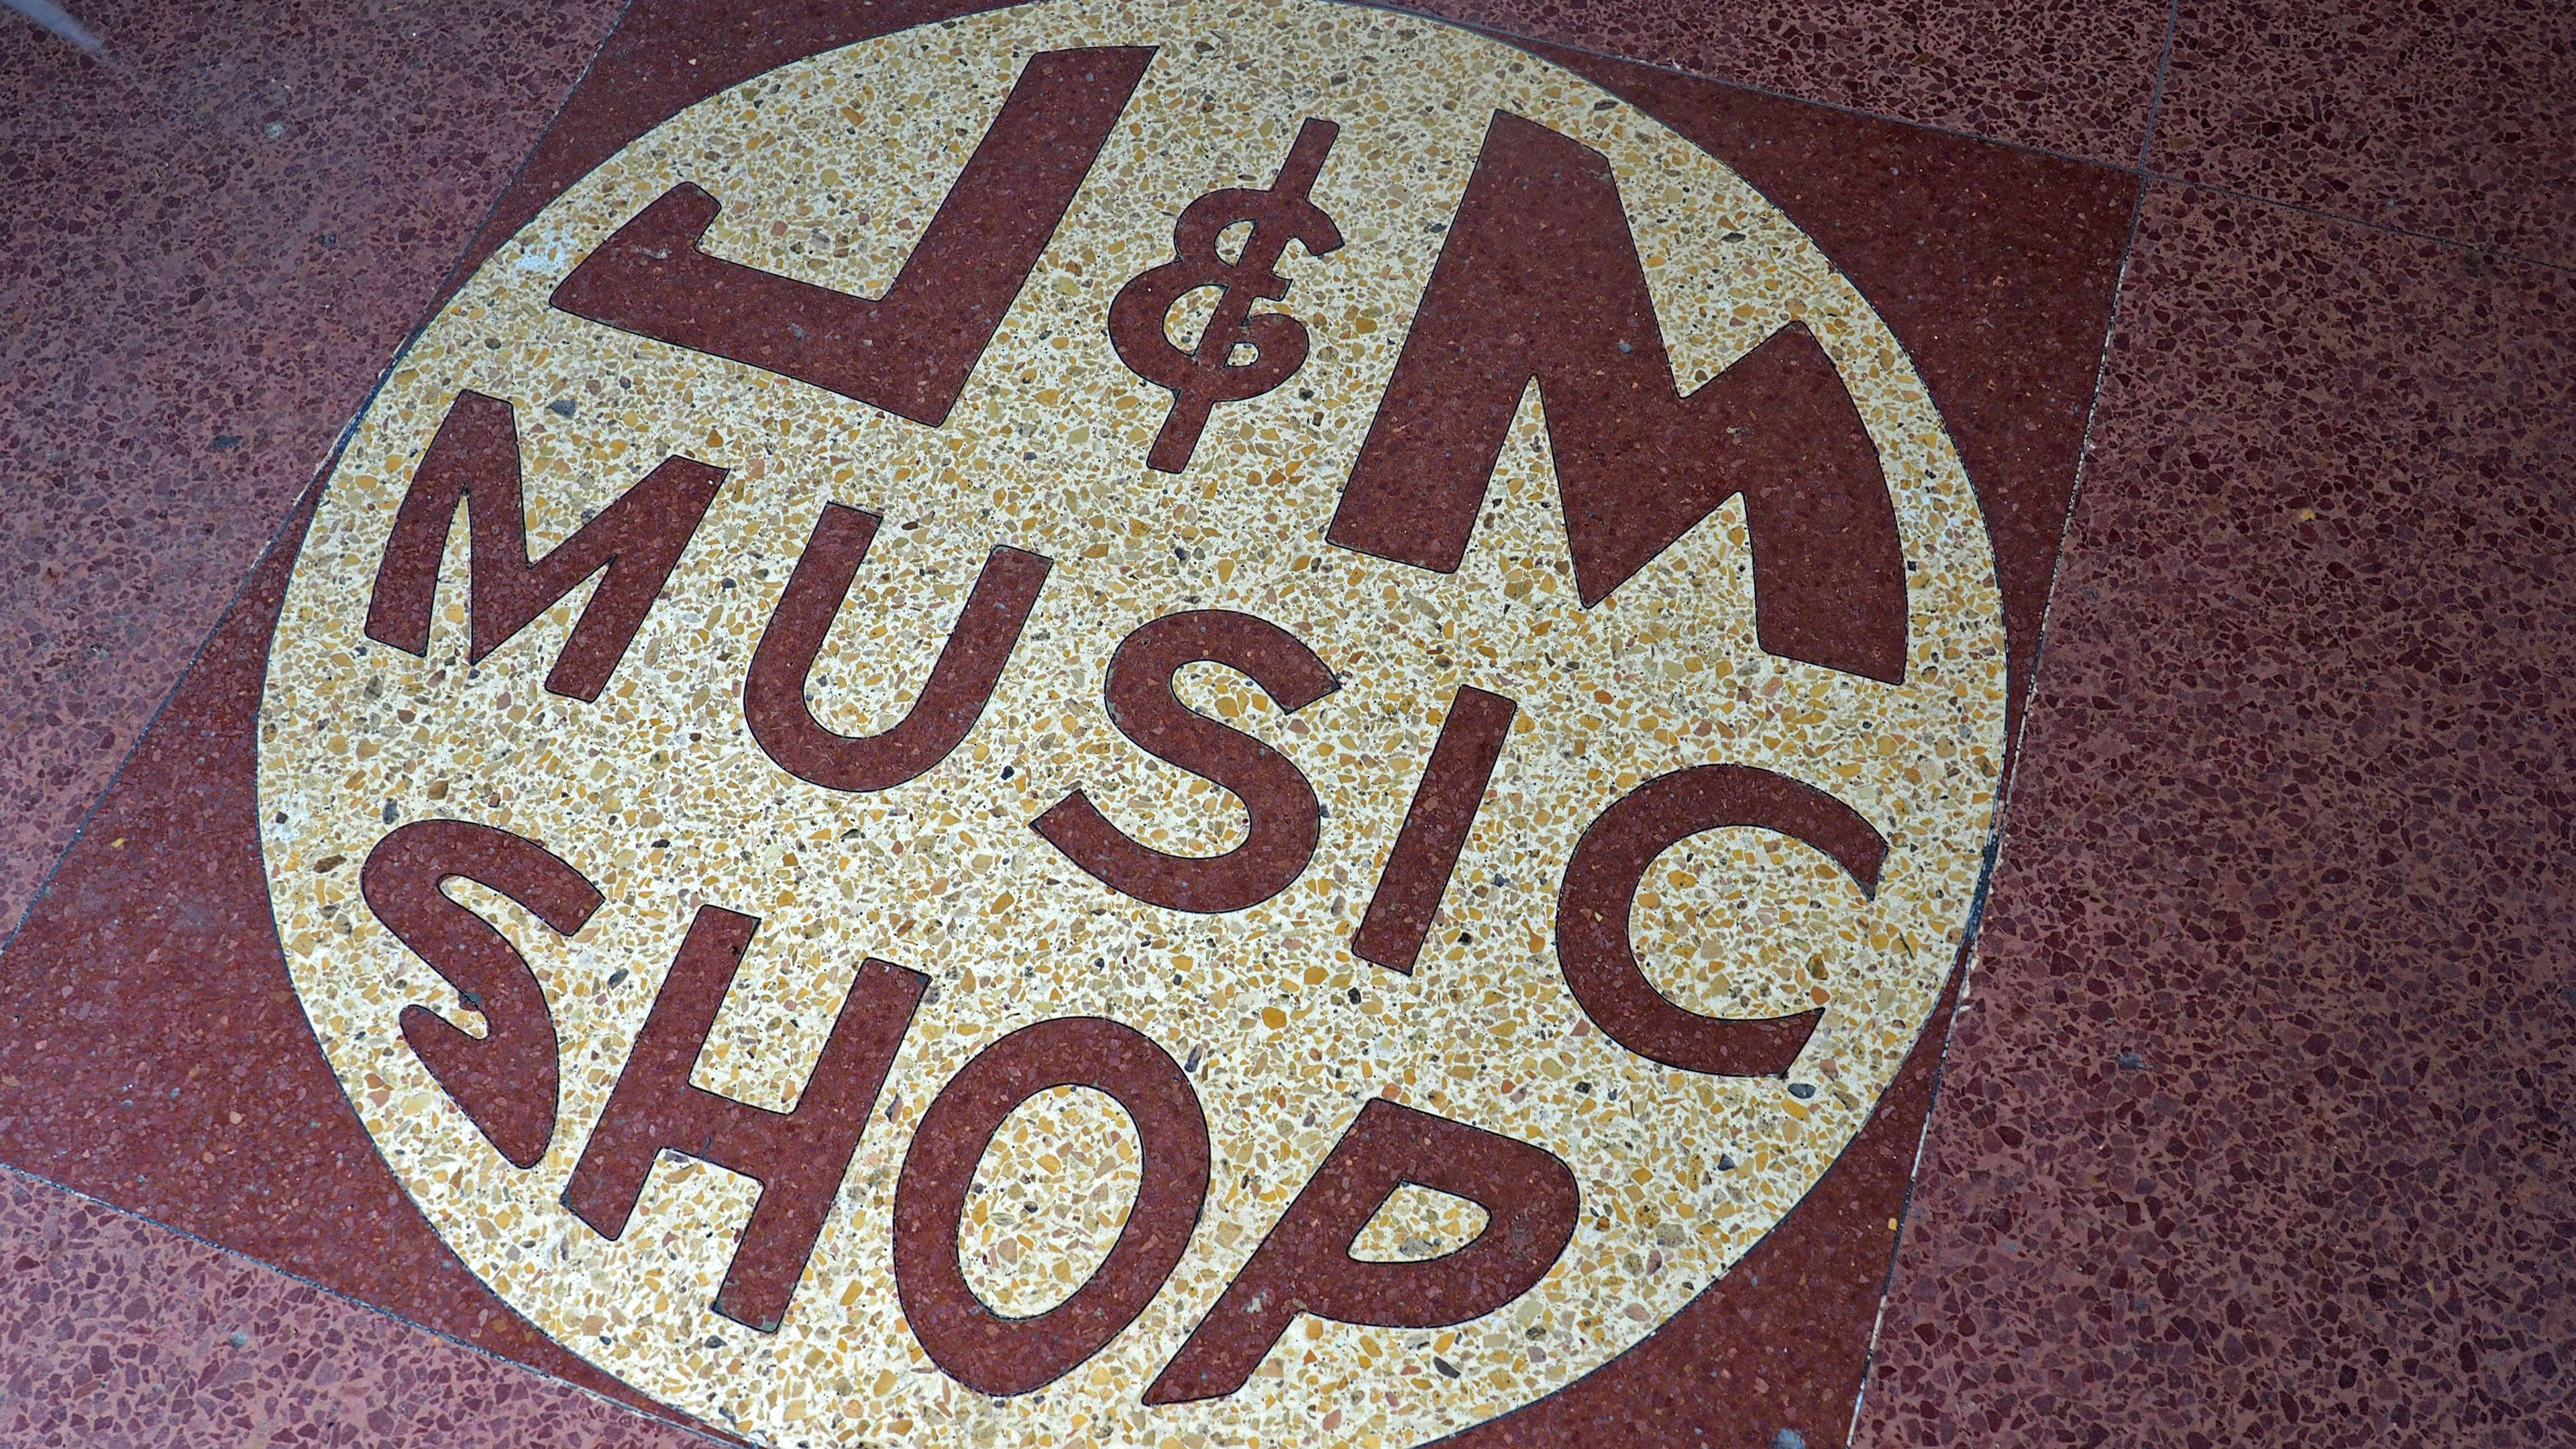 J M music shop sign